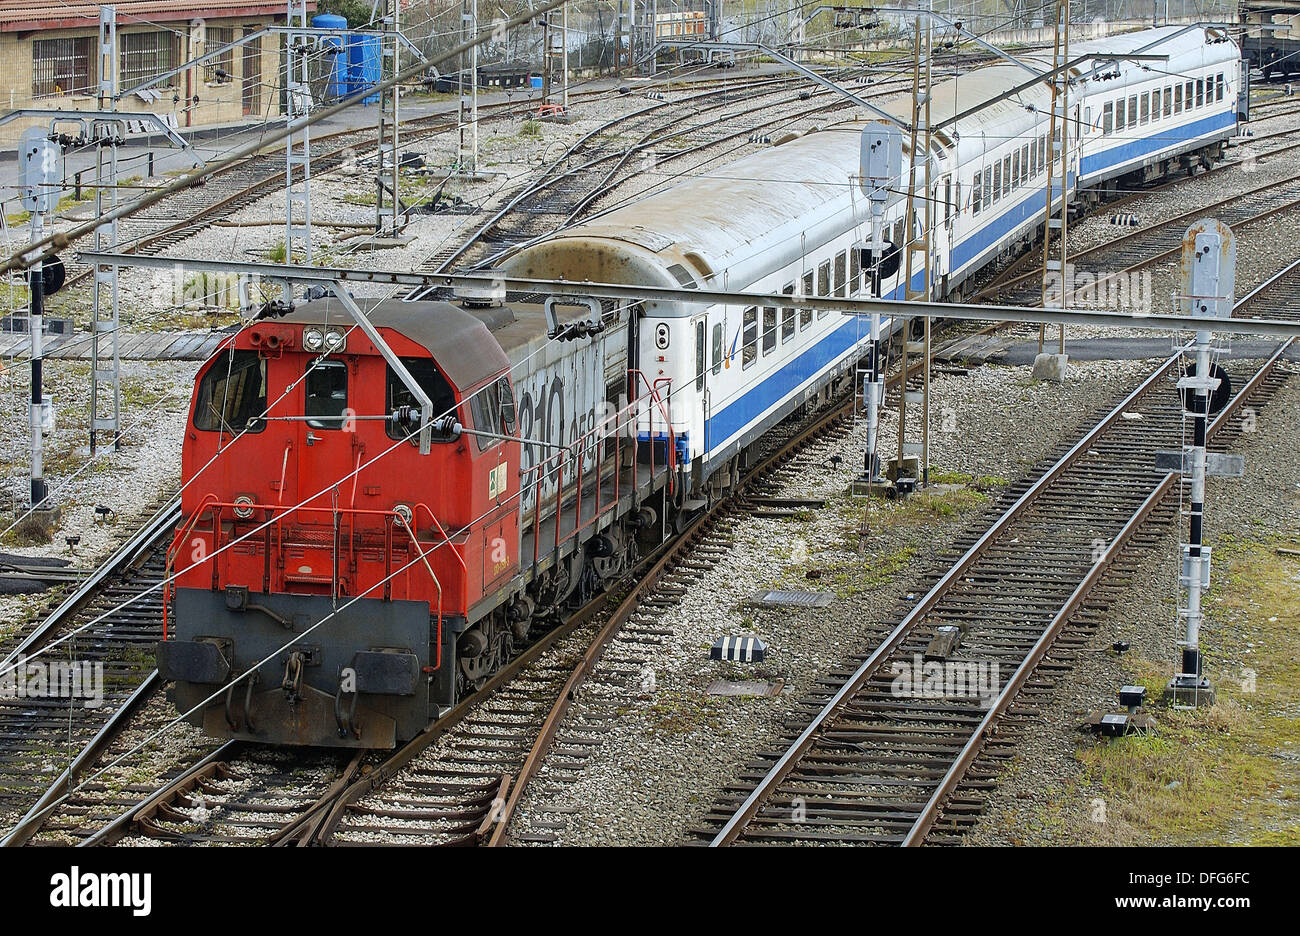 52c91b7c3ad La gare. Irun. (Guipúzcoa) frontière espagnol-français Banque D ...